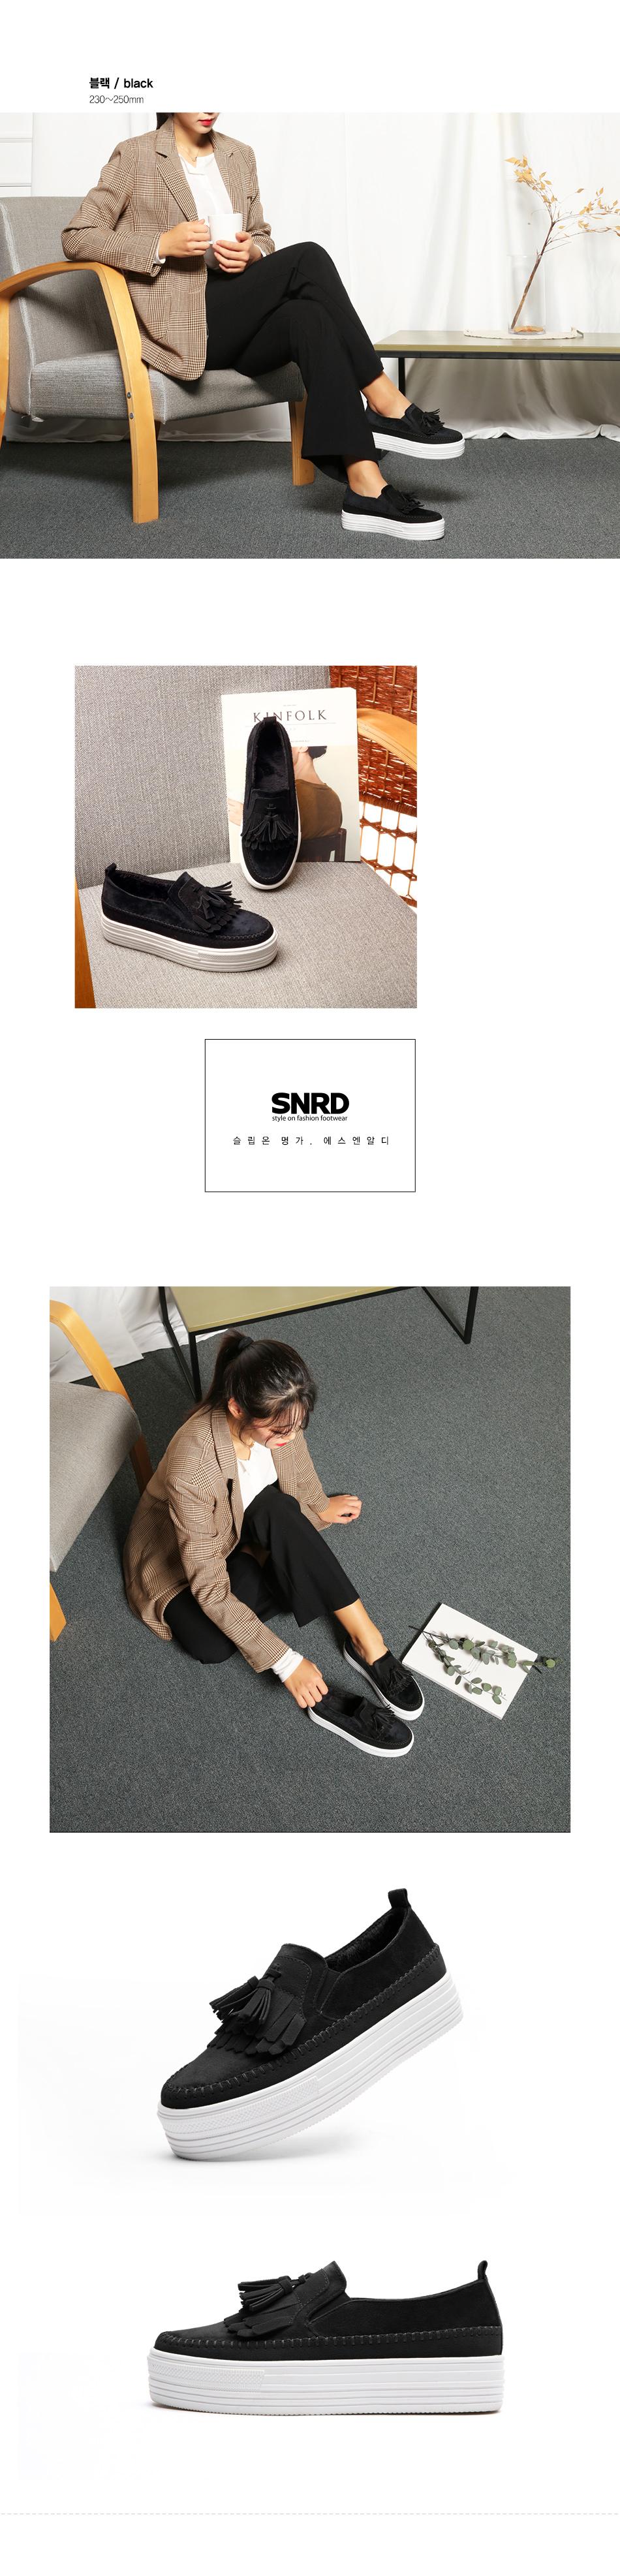 sn570_bk.jpg